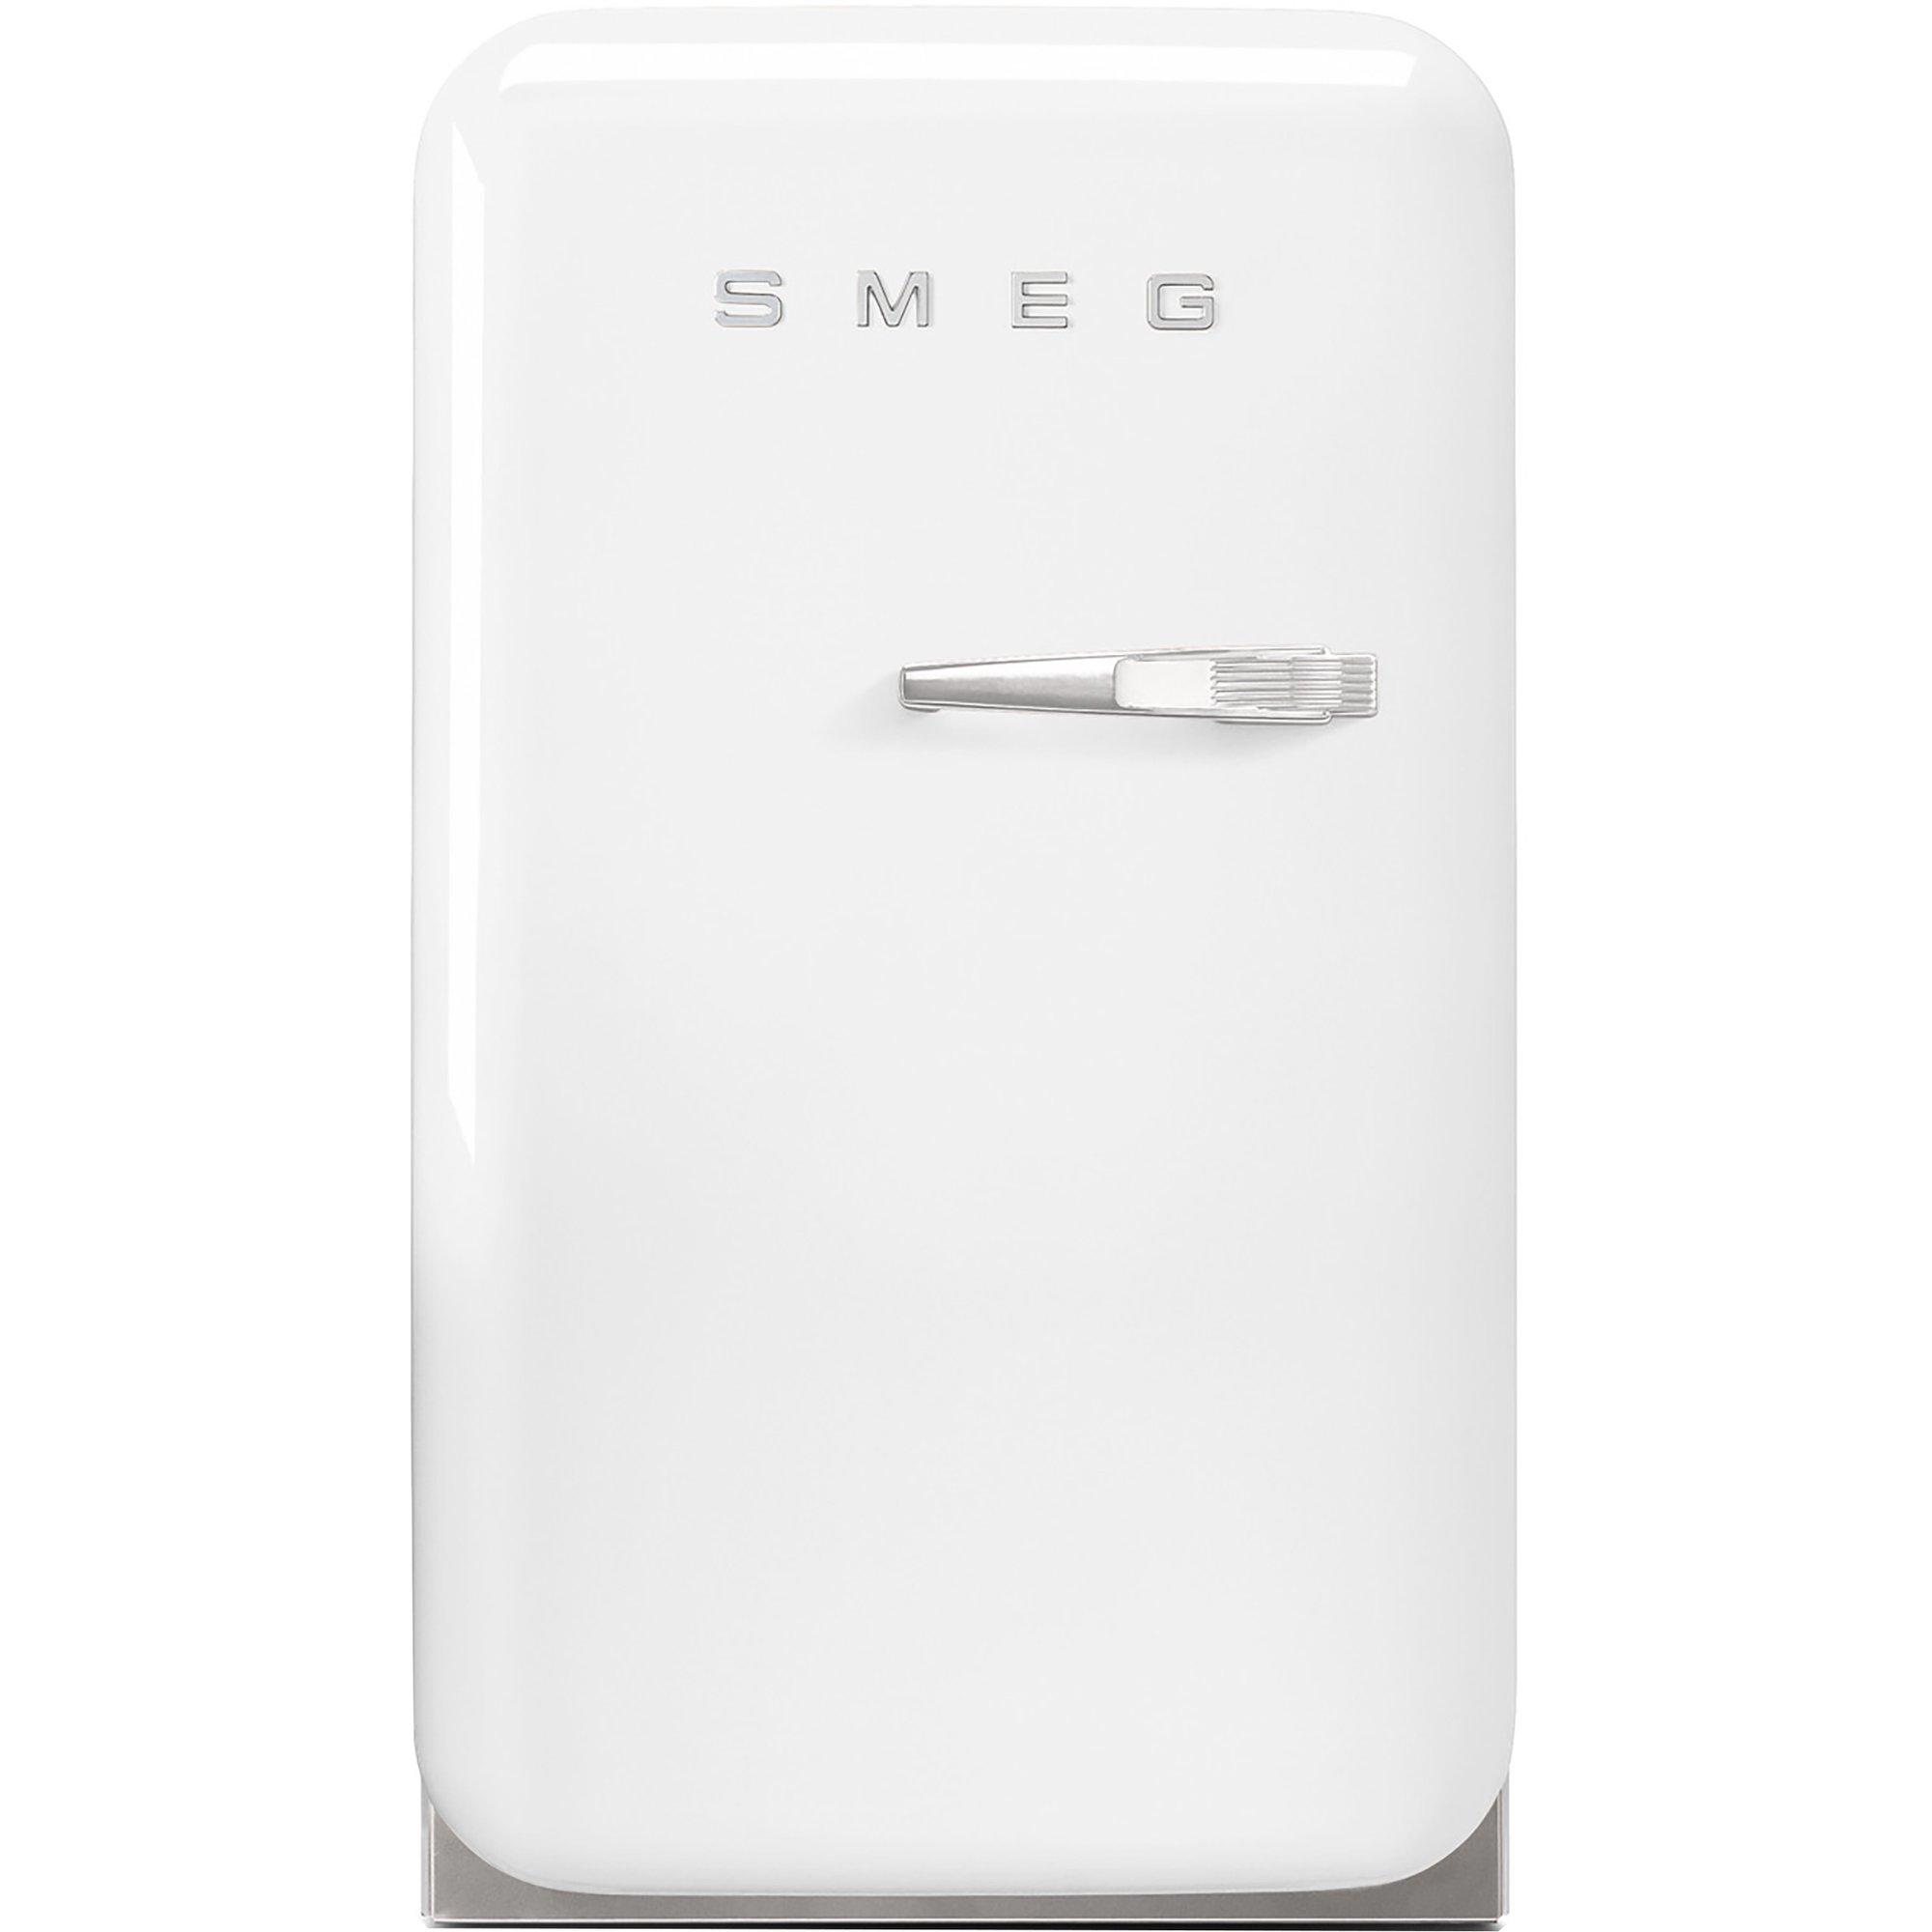 Smeg 74 cm kylskåp i retrostil vänsterhängt – vit